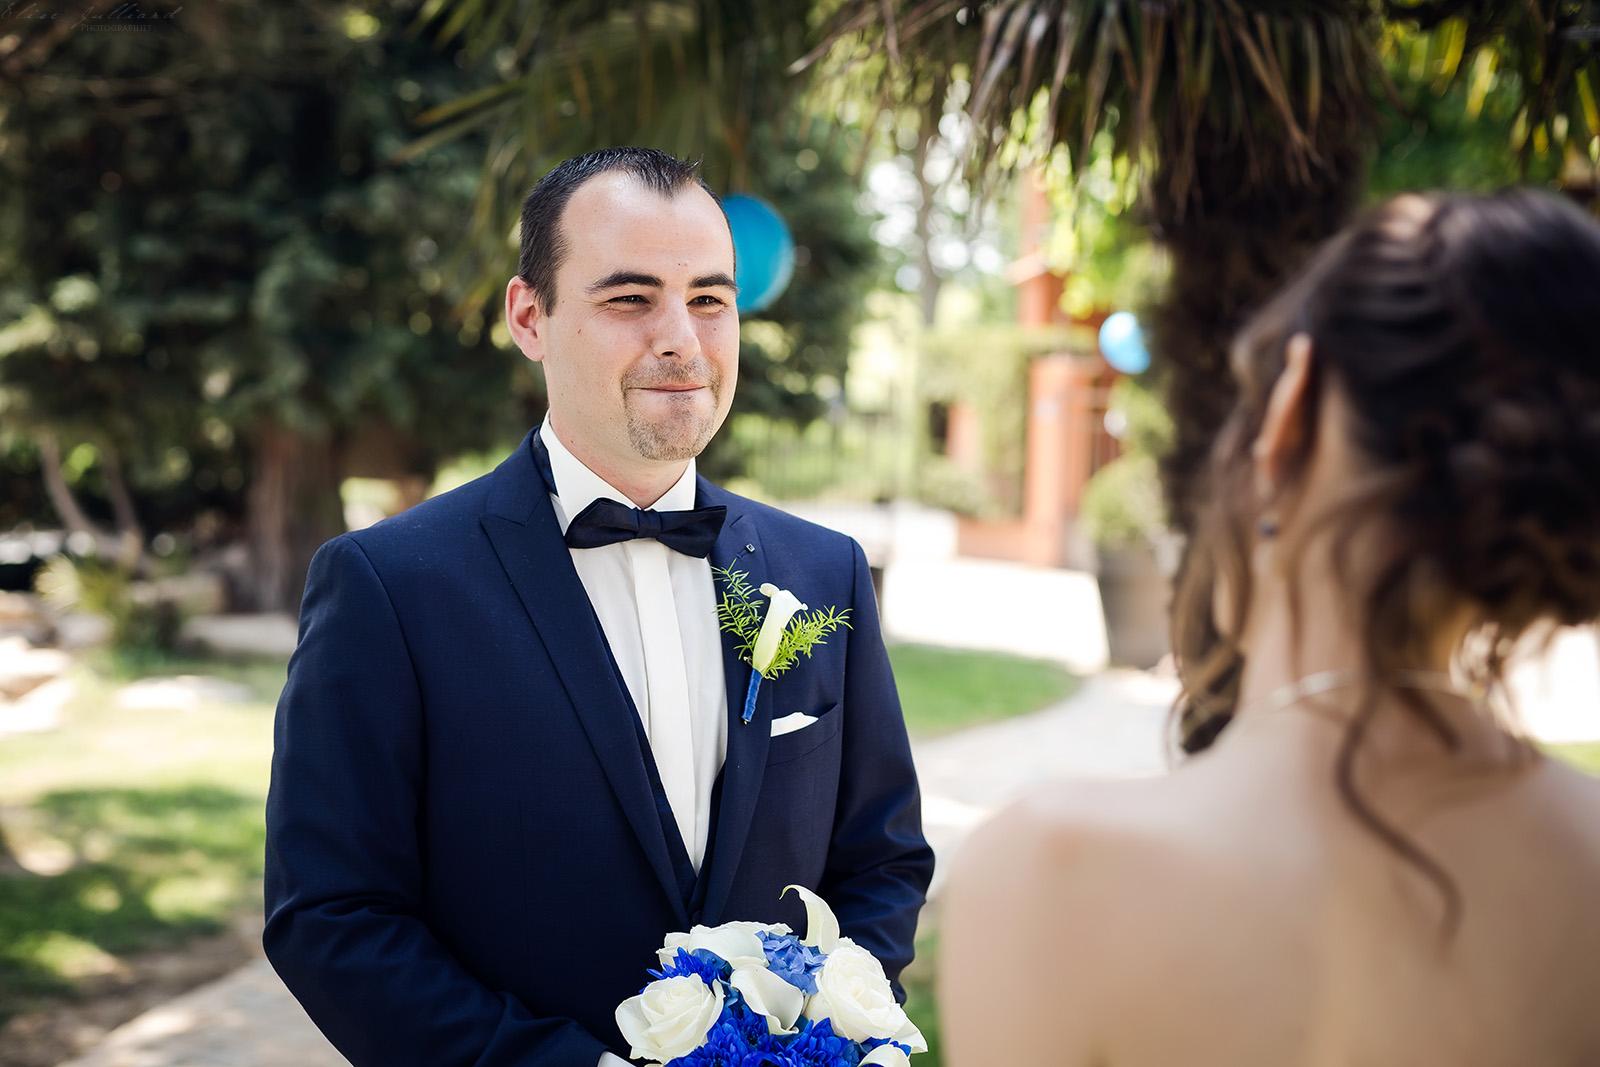 mariage-reportage-photographe-wedding-photographer-robe-chateau-de-blaceret-roy-lyon-couple-auvergne-rhone-alpes-savoie-haute-savoie-isere-ain-drome-ardeche-elise-julliard-9